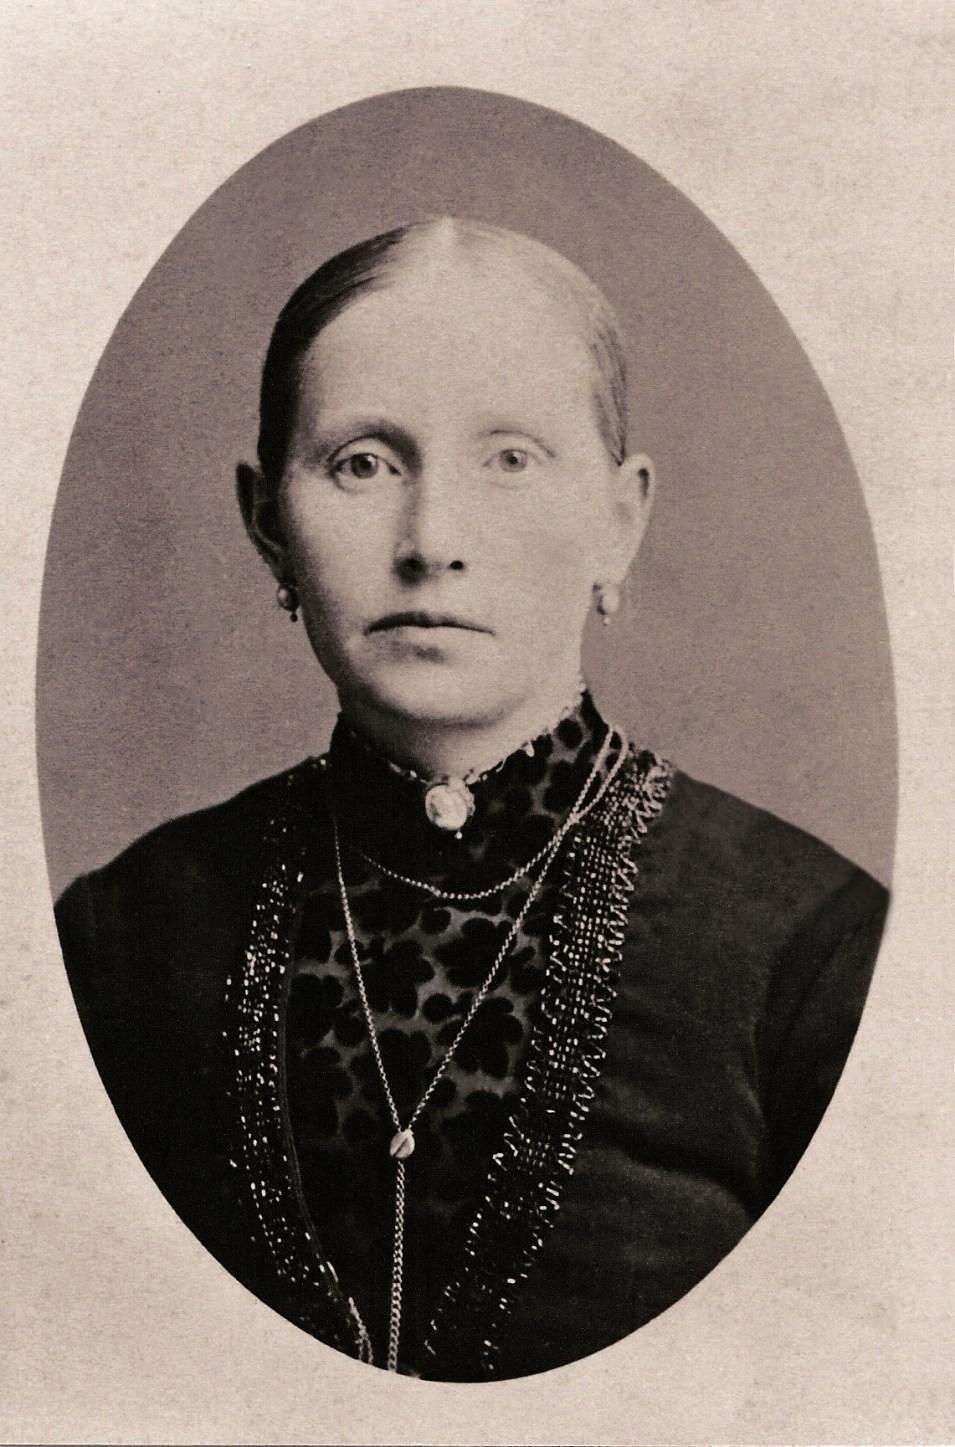 Susanna Johanna Kruize-Schreuder (1853-1890)